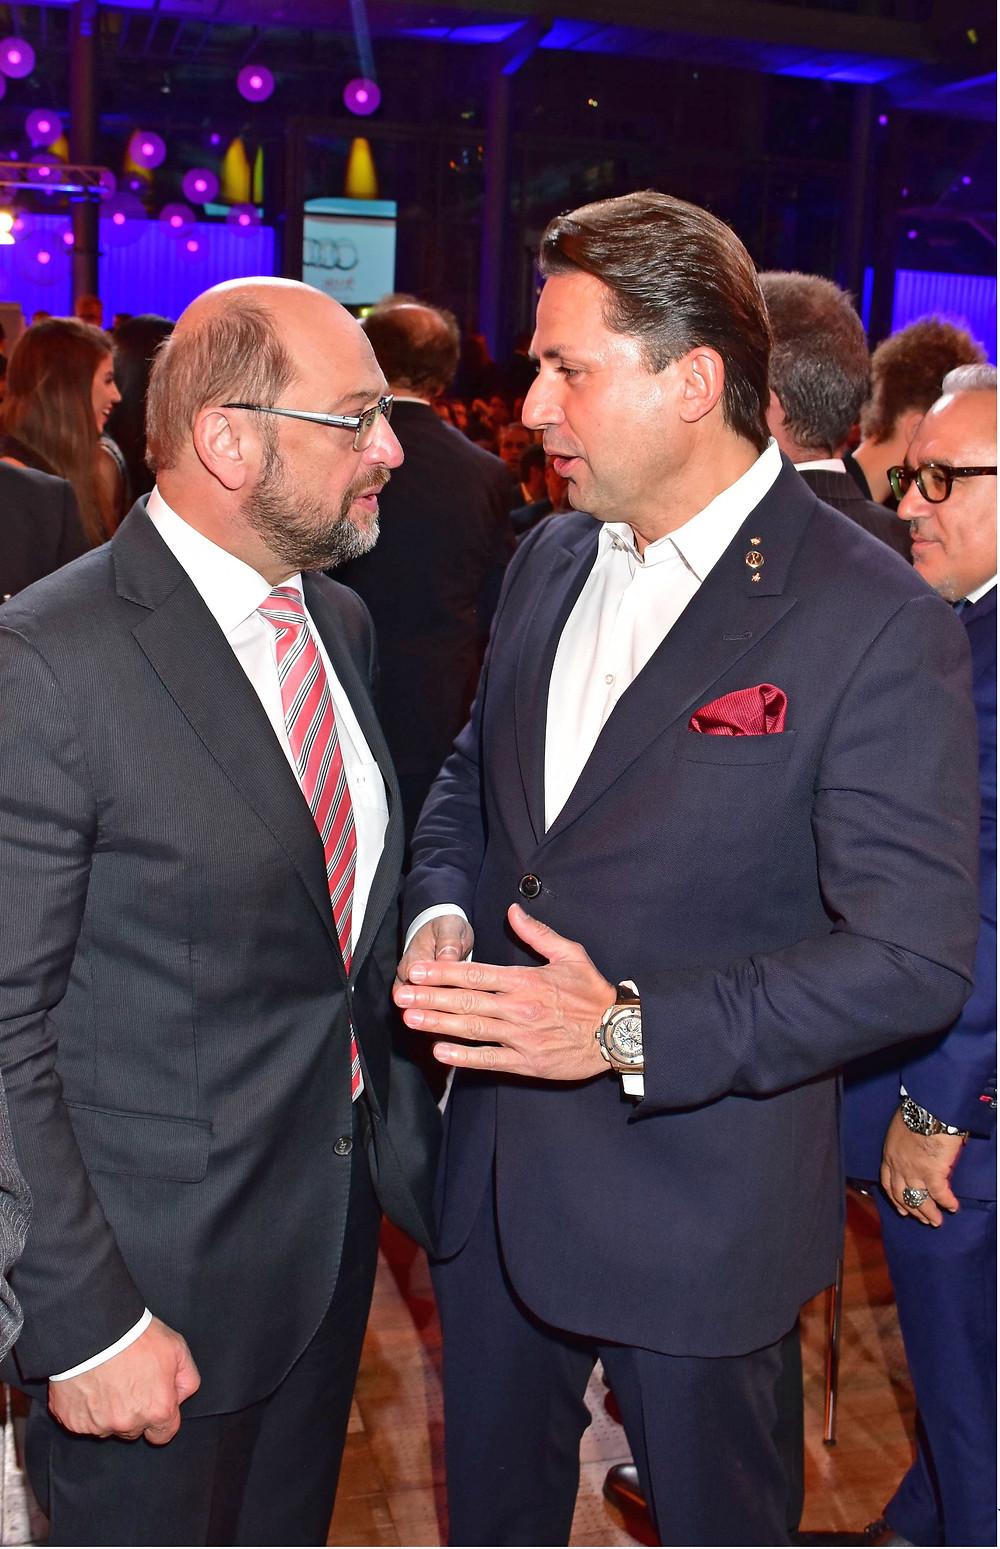 Martin Schultz экс-Председатель Европейского Парламента и Holger Thorsten Schubart генеральный директор Neutrino Energy Group